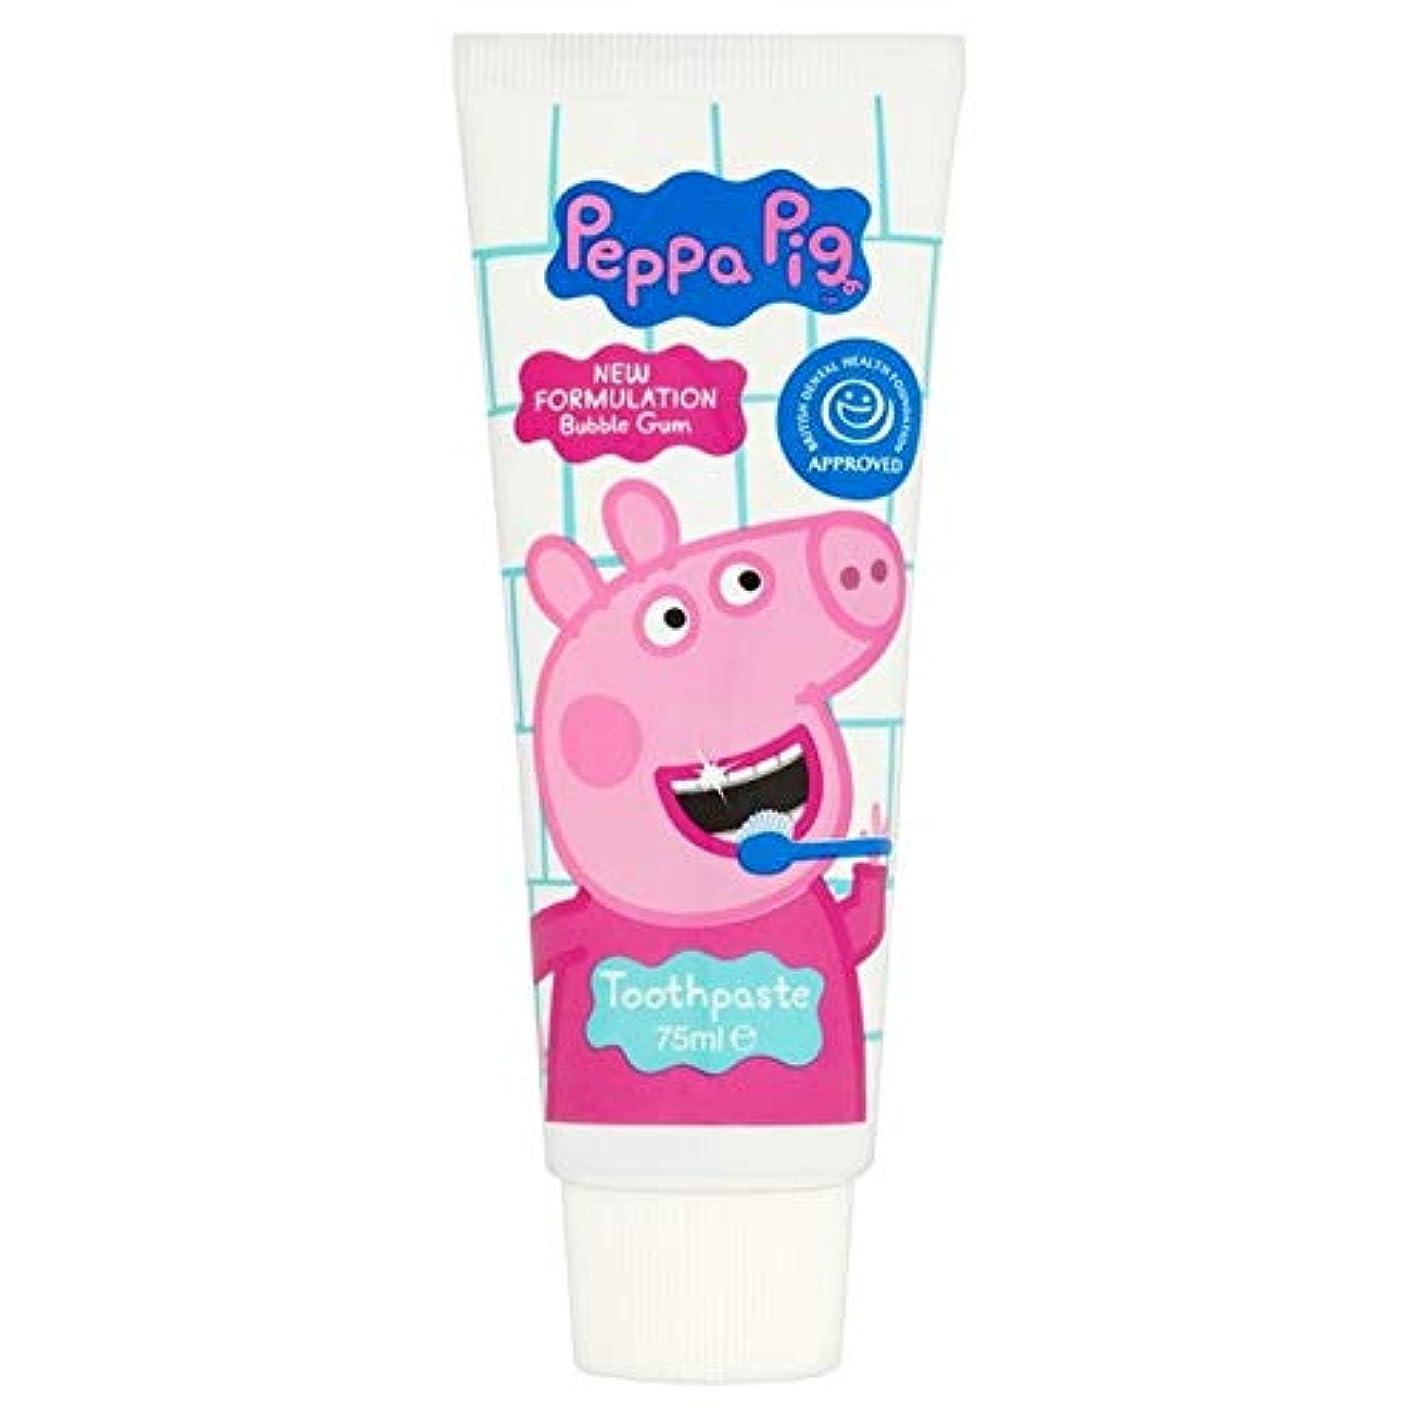 読みやすさランチョンファンブル[Peppa Pig] ペッパピッグバブルガム歯磨き粉75ミリリットル - Peppa Pig Bubble Gum Toothpaste 75ml [並行輸入品]